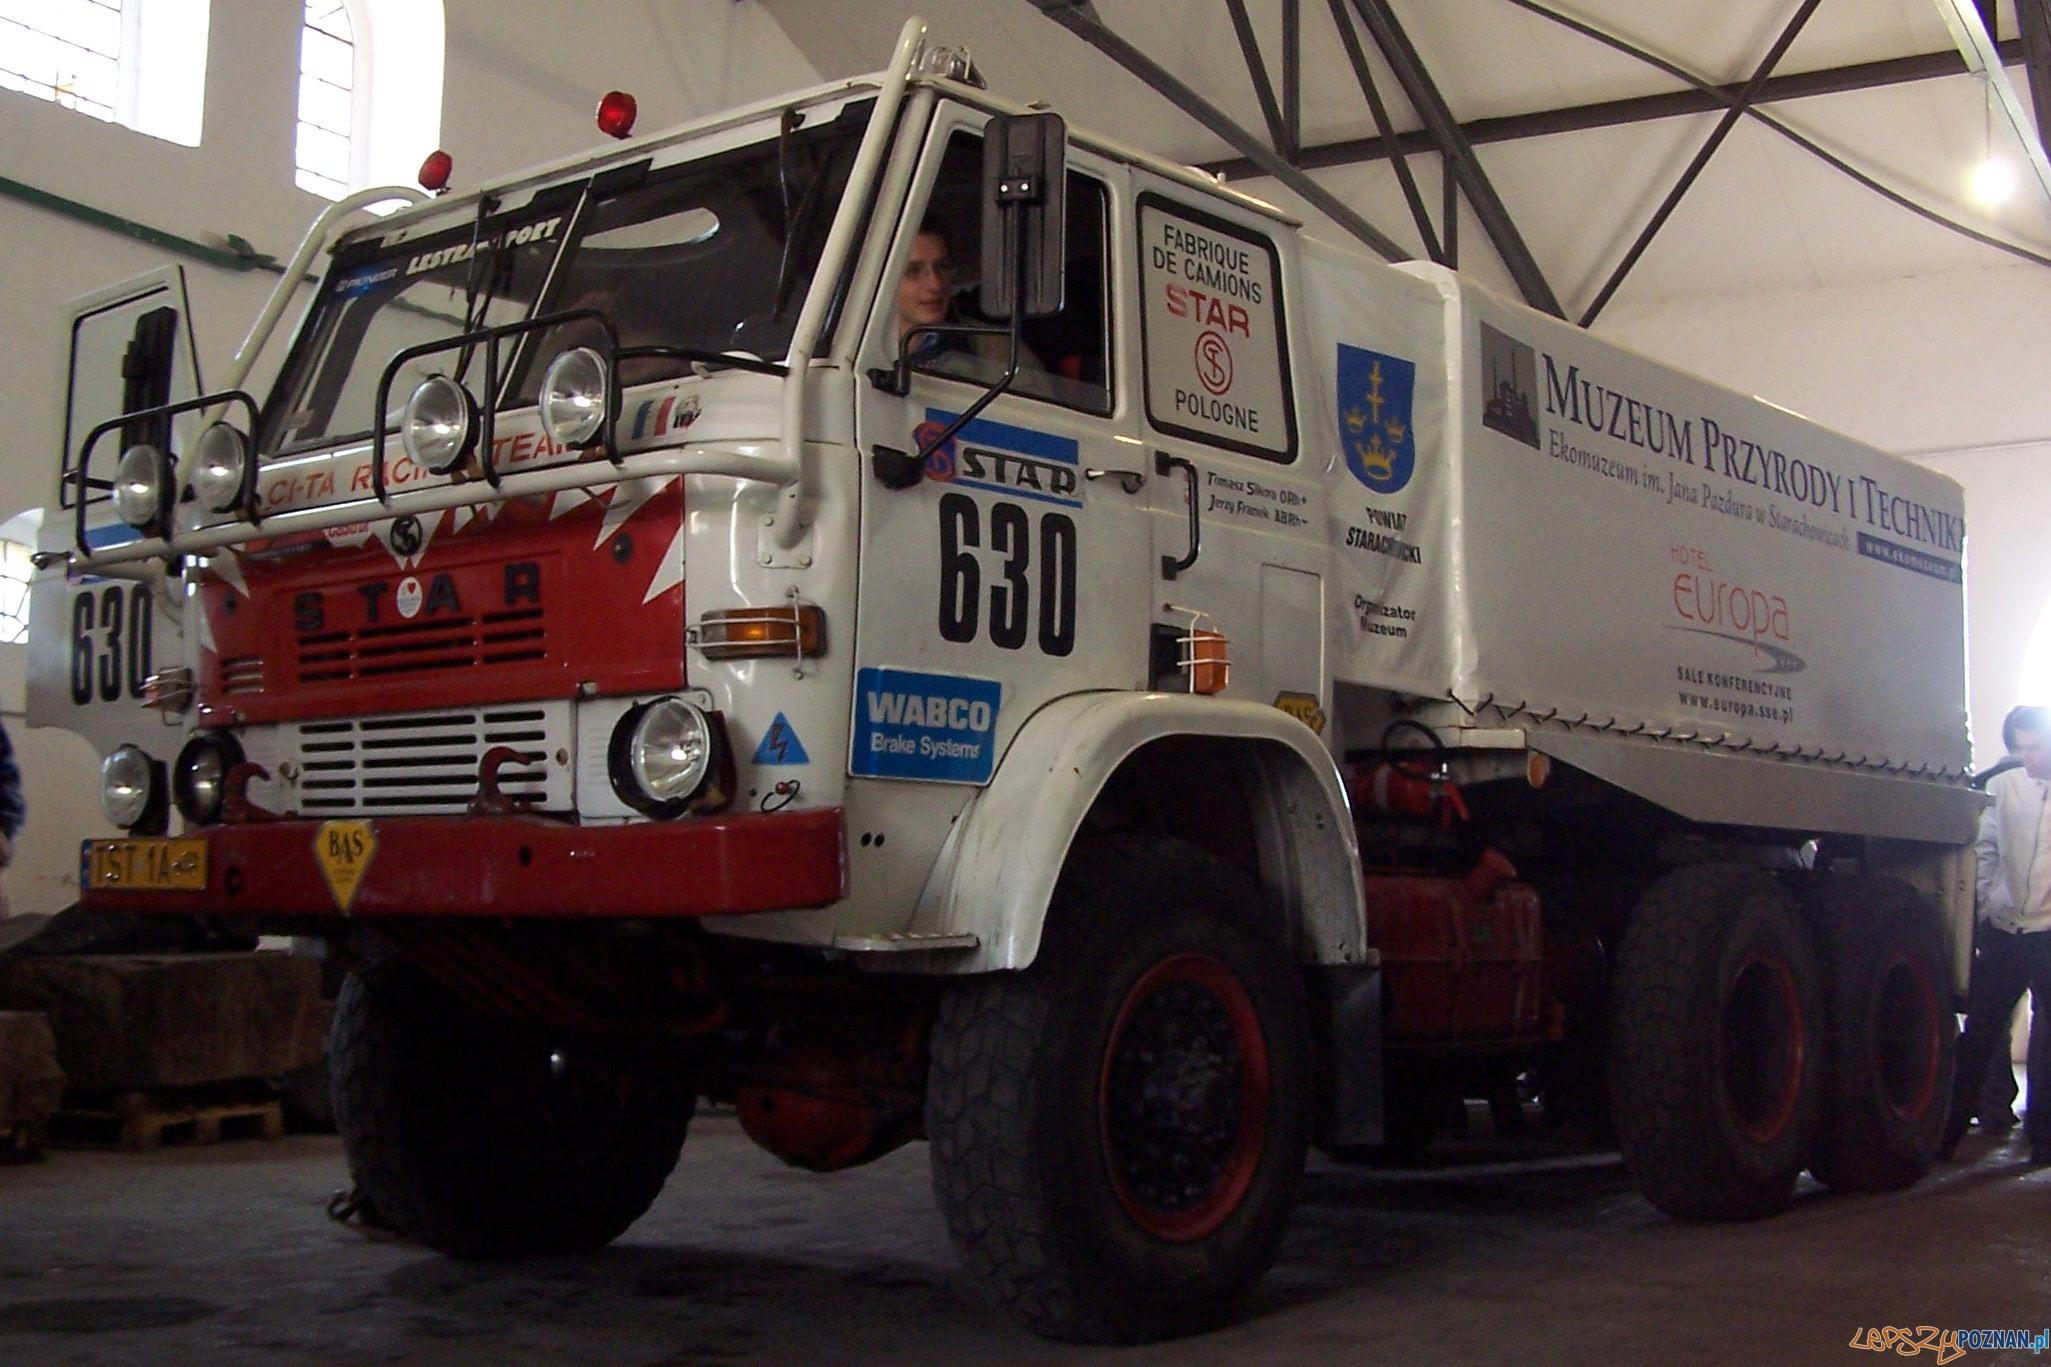 Star 266 - pojazd  biorący udział w rajdzie Paryż Dakar  Foto: Królik / wikipedia